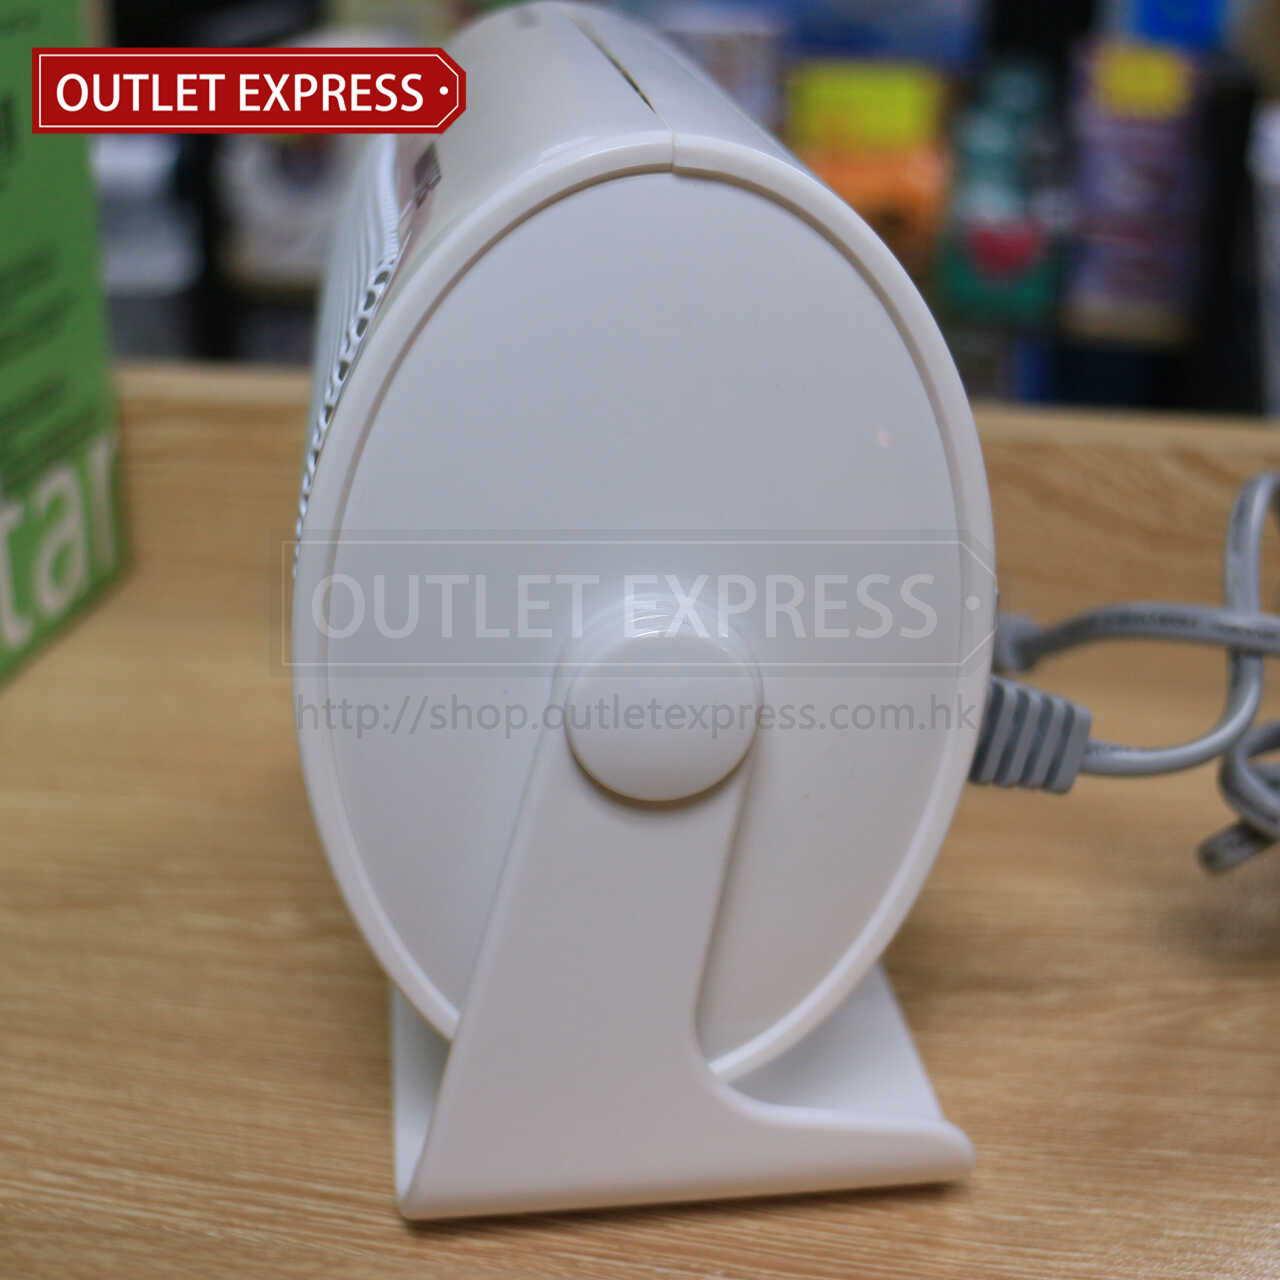 INNOTEC IH-3638 迷你桌面陶瓷暖風機 | 陶瓷暖爐 側面圖  - Outlet Express HK生活百貨城實拍相片